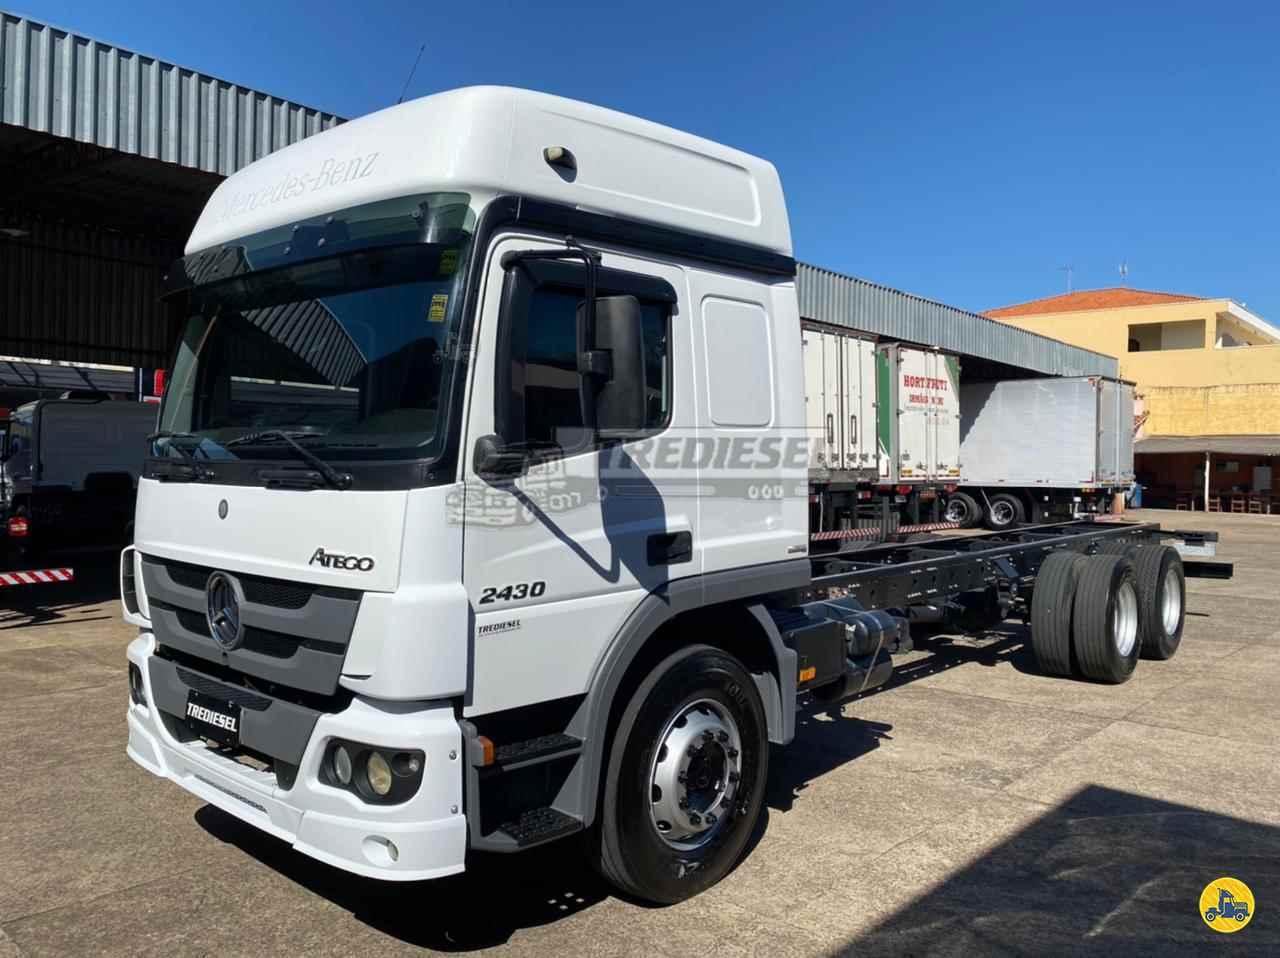 CAMINHAO MERCEDES-BENZ MB 2430 Chassis Truck 6x2 Trediesel Caminhões ANDRADAS MINAS GERAIS MG